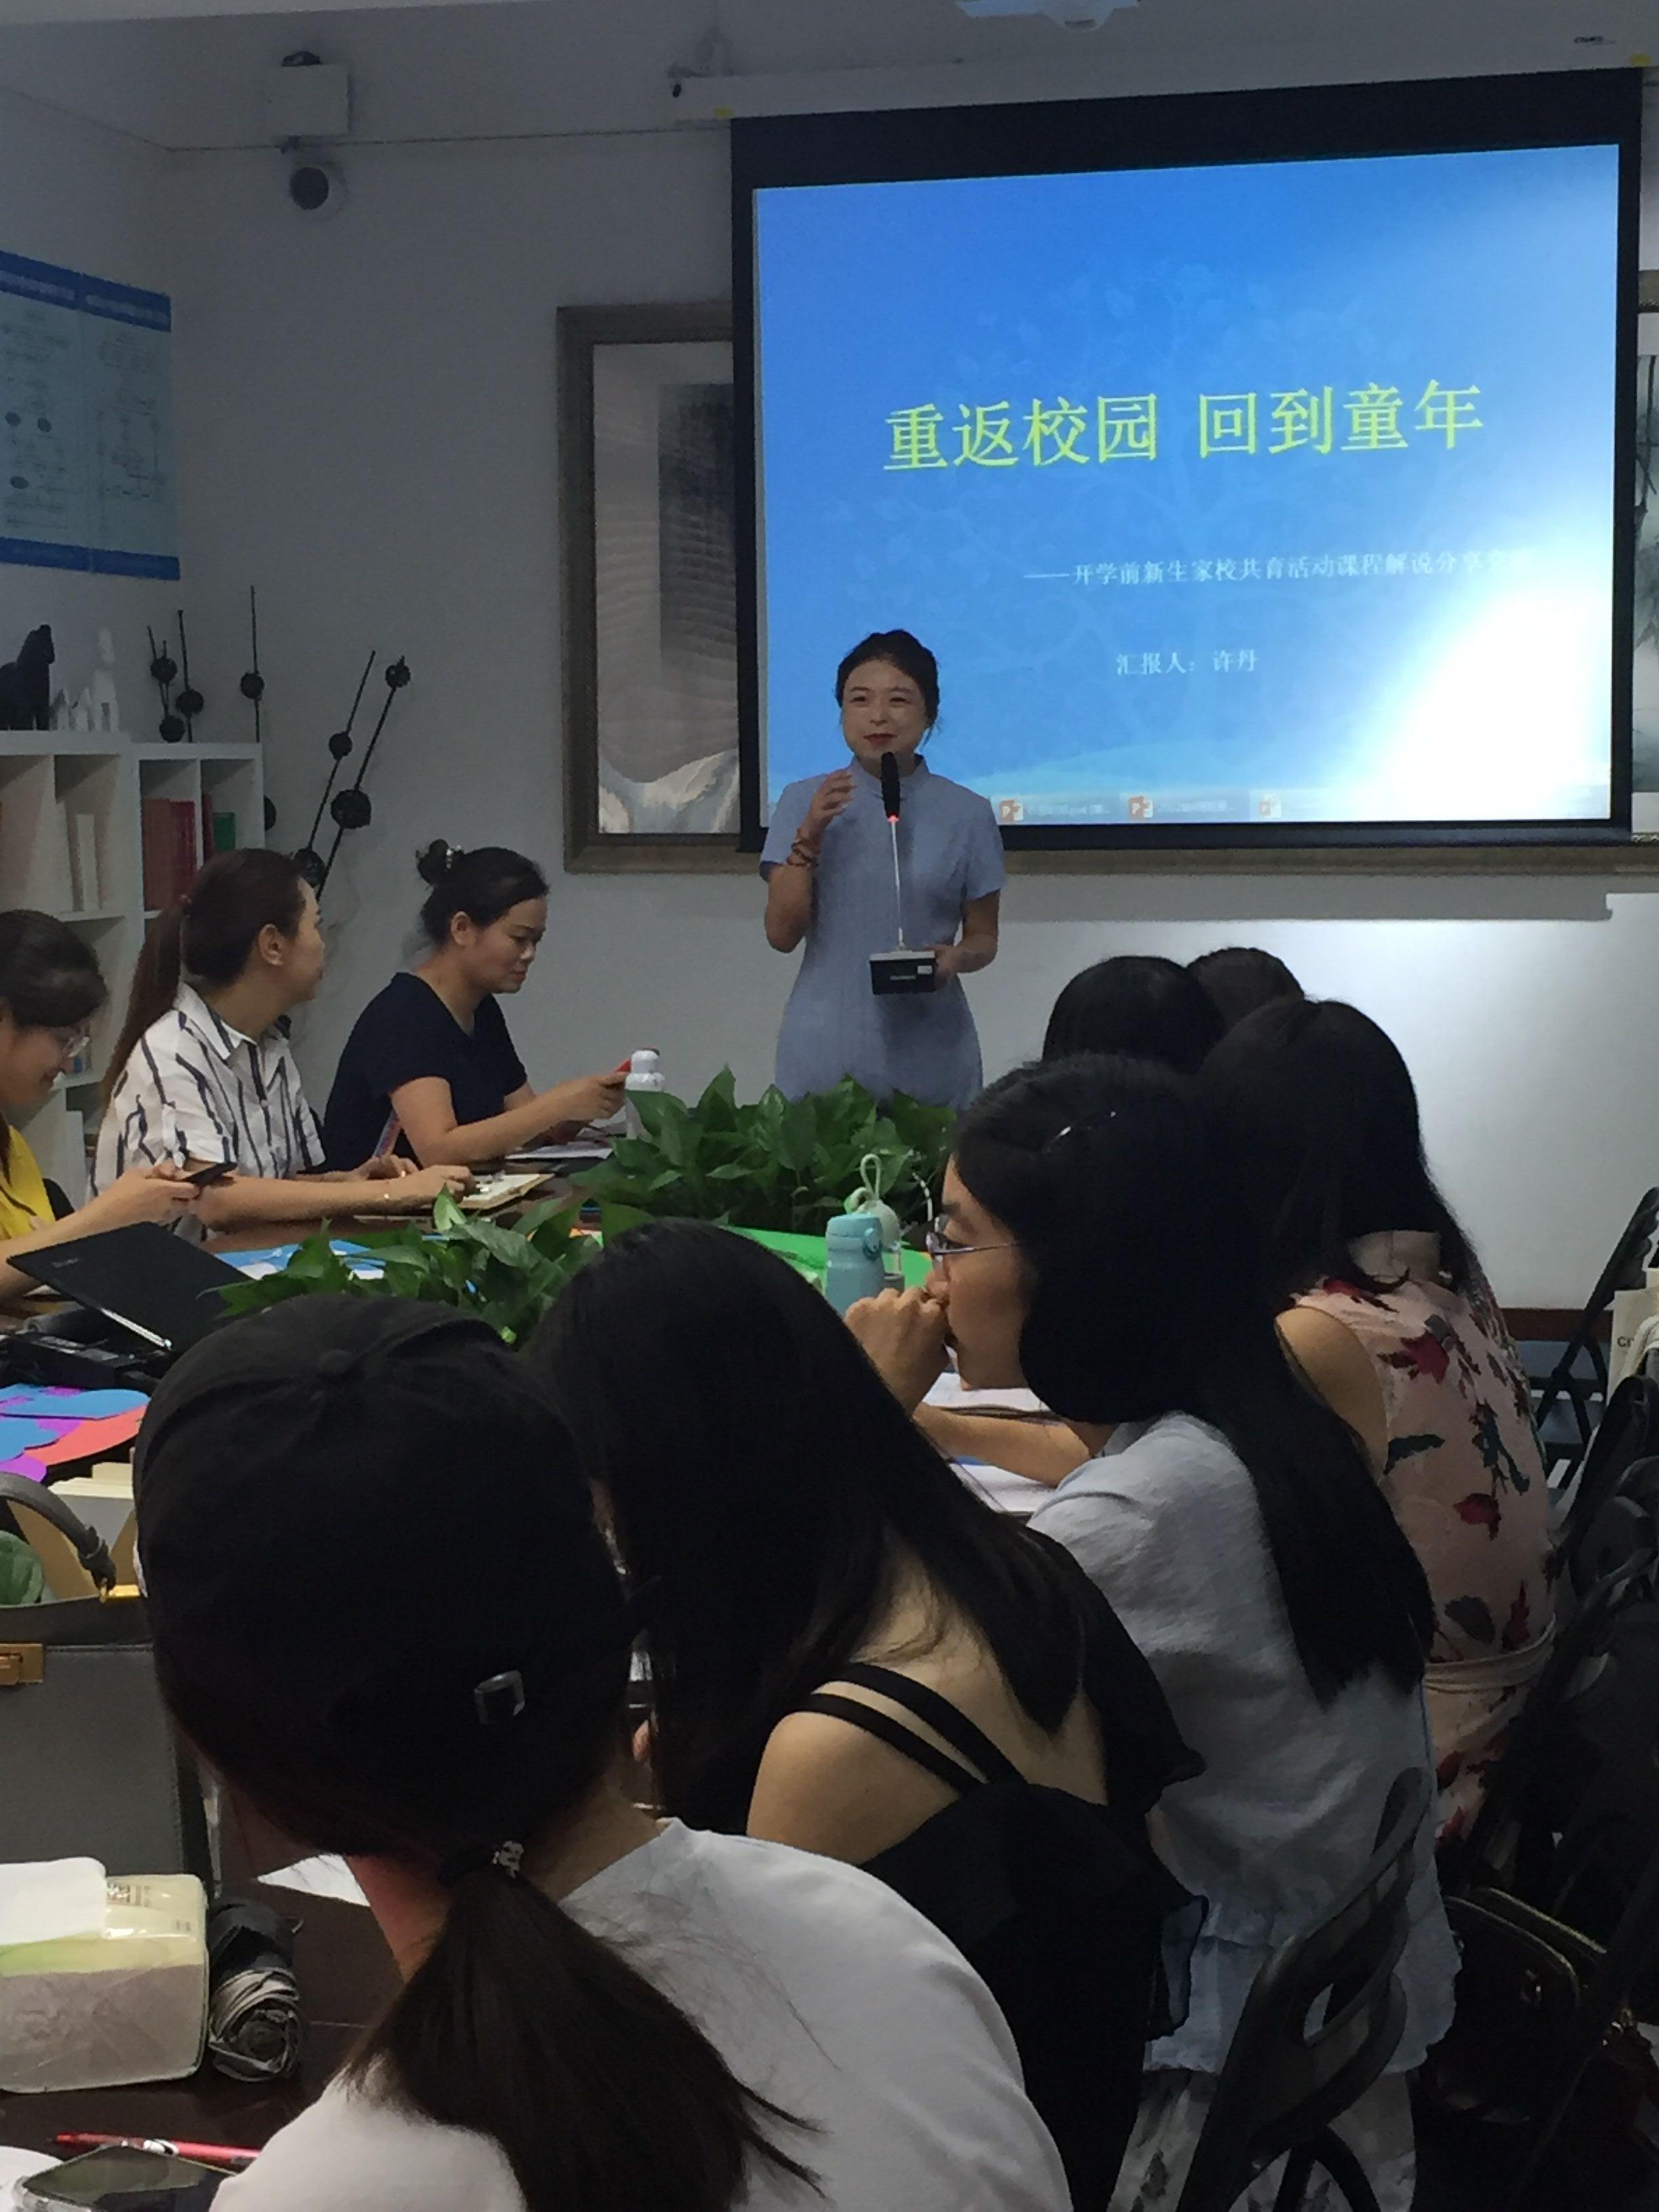 许丹老师对重返校园进行经验分享.jpg